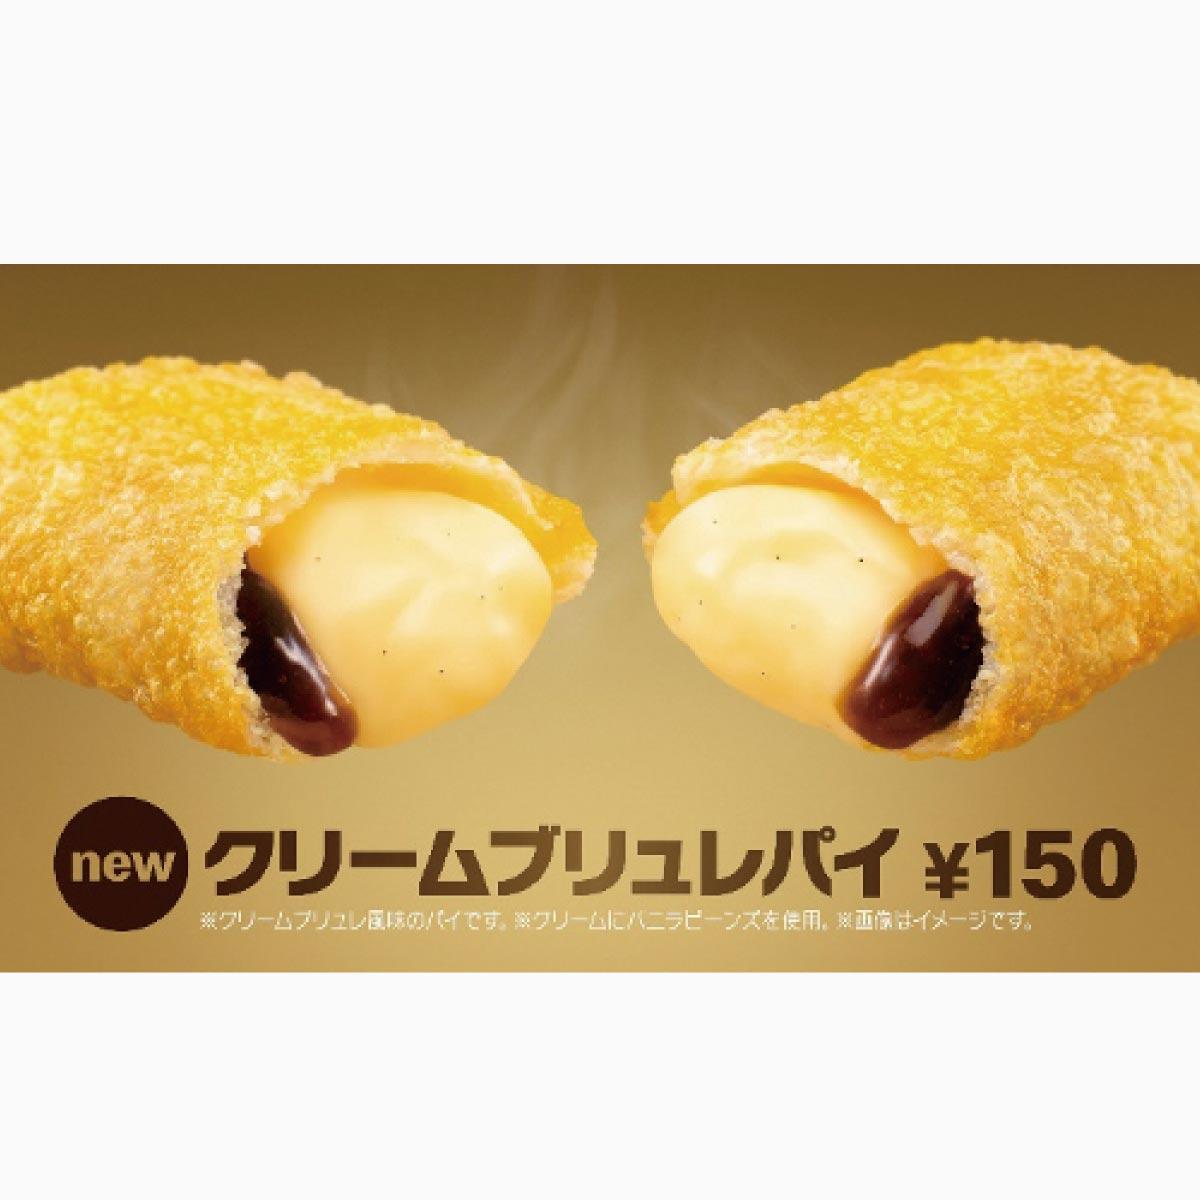 チョコもいいけど、こっちも◎フランス語で「焦がしたクリーム」